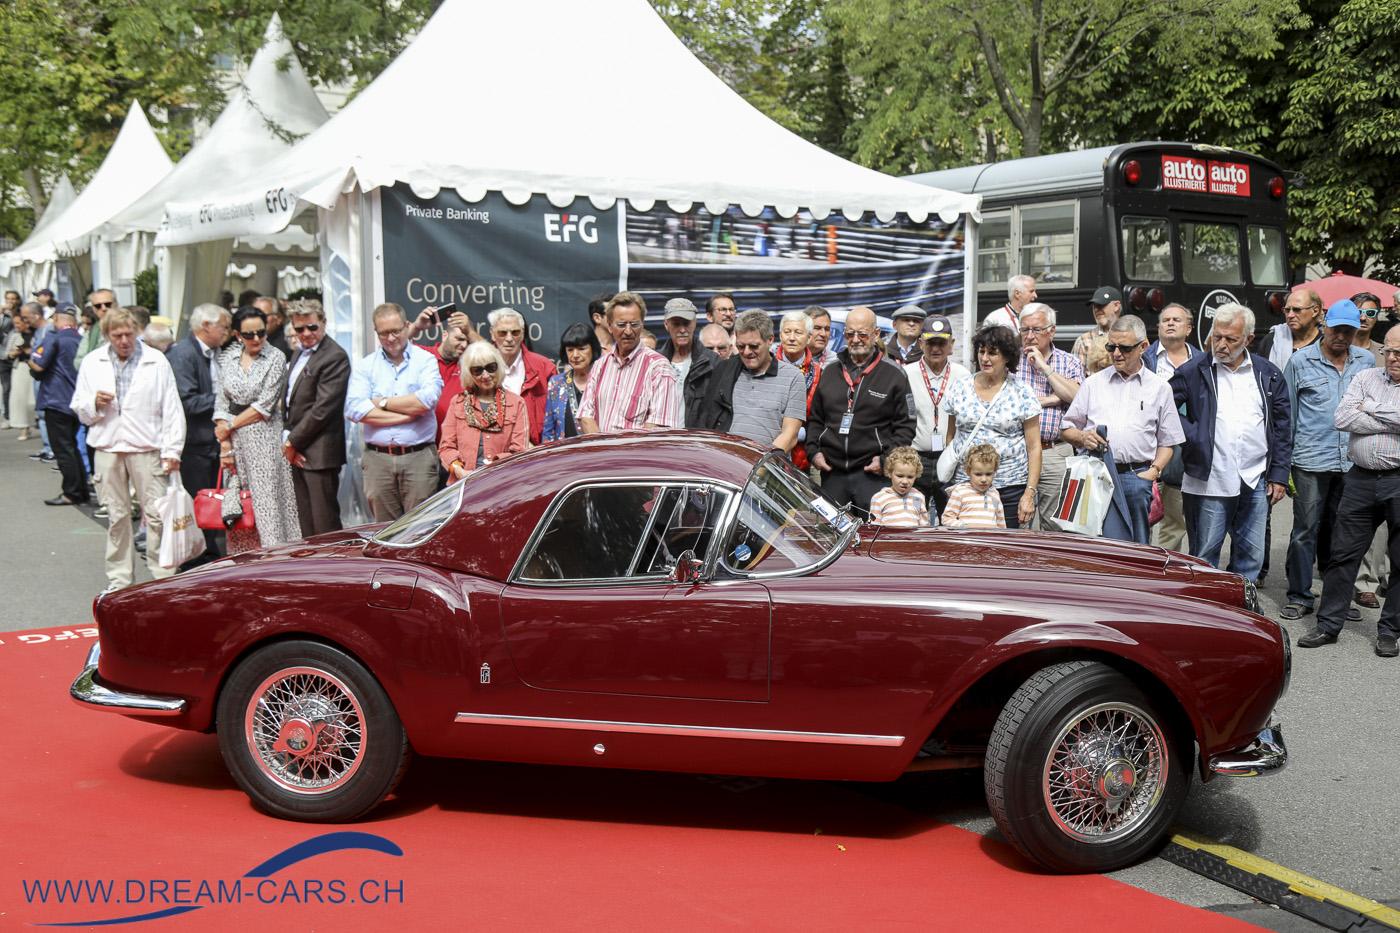 ZCCA, Zurich Classic Car Award auf dem Bürkliplatz in Zürich, 21. August 2019. Sieger in der Kategorie Postwar 40/50er Jahre und Best of Show, der hinreissend schöne Lancia Aurelia B24 Spider America, hier mit einem Hardtop. Ein verdienter Sieger